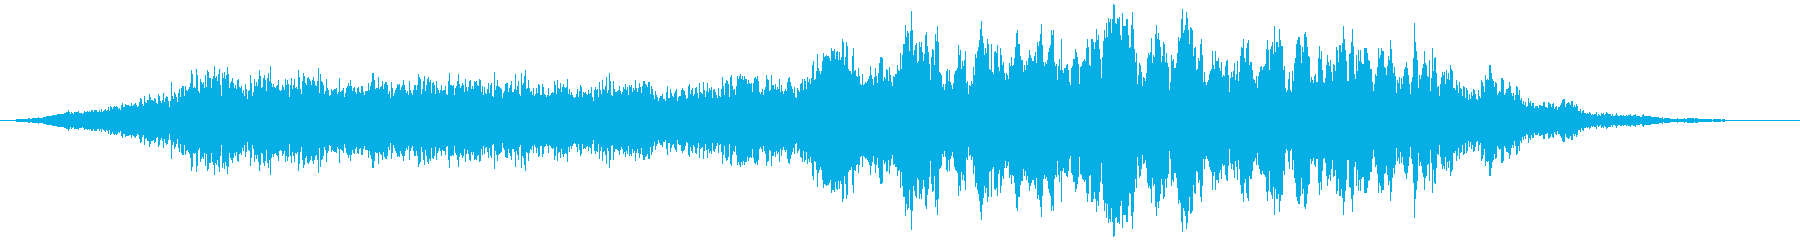 【ホラーゲーム】ダークアンビエント_06の再生済みの波形